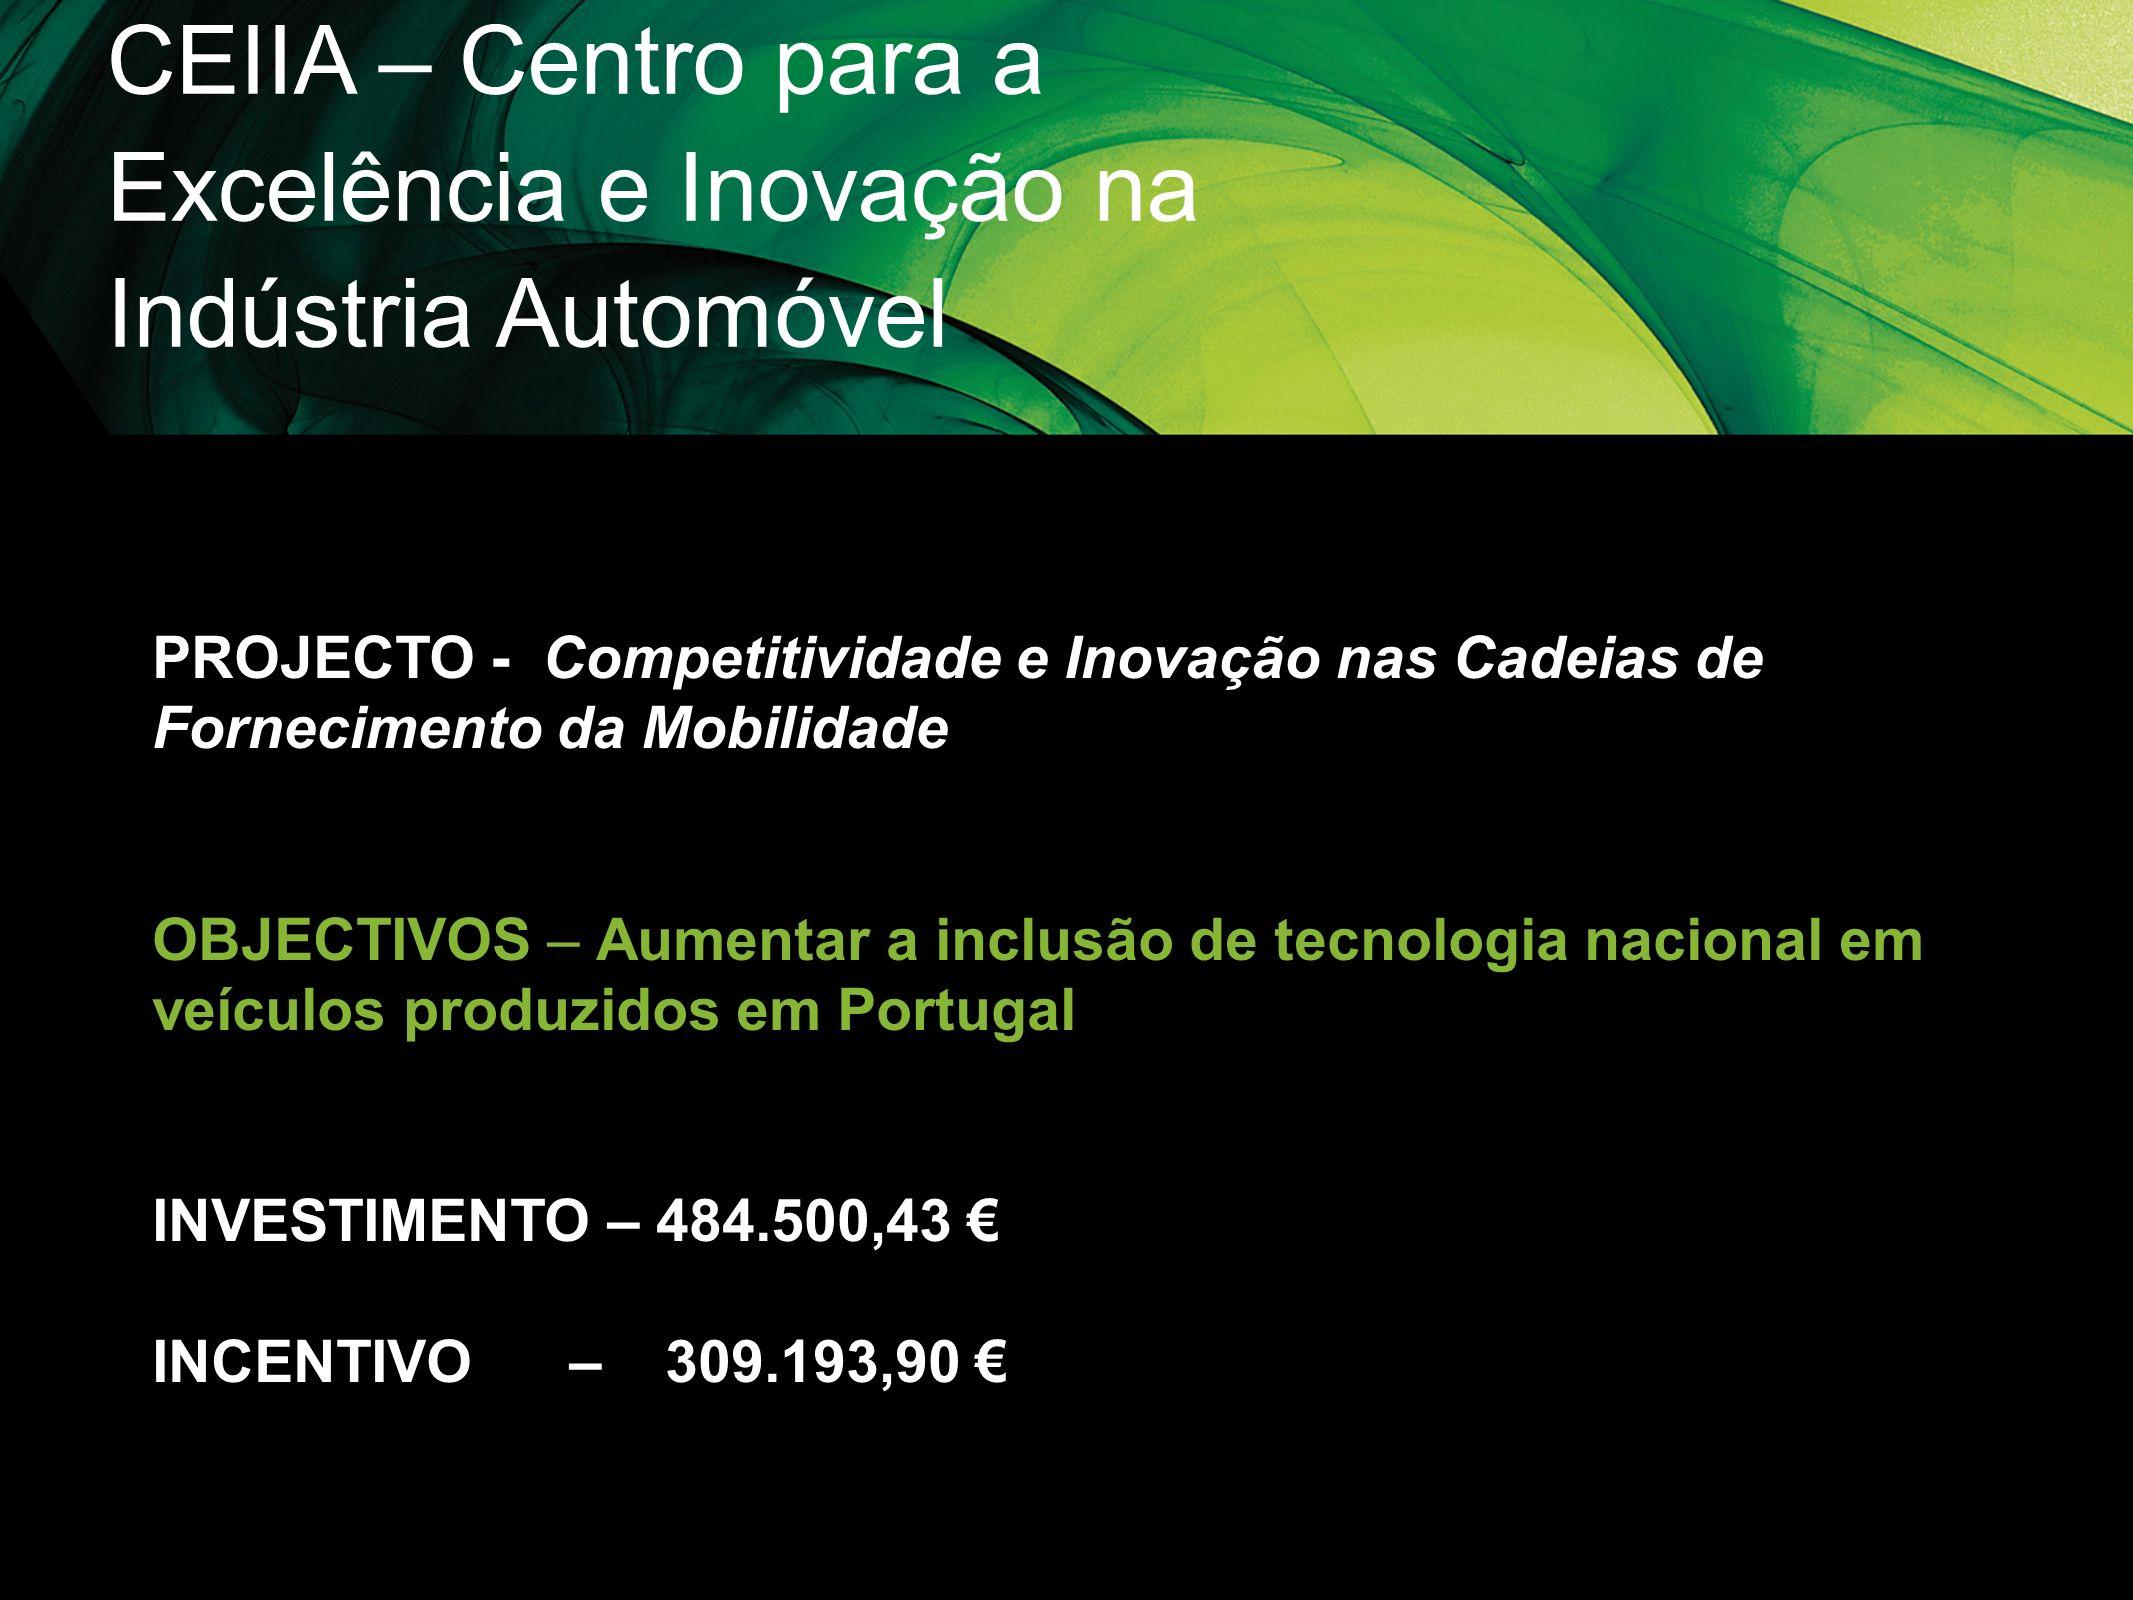 CEIIA – Centro para a Excelência e Inovação na Indústria Automóvel PROJECTO - Competitividade e Inovação nas Cadeias de Fornecimento da Mobilidade OBJ